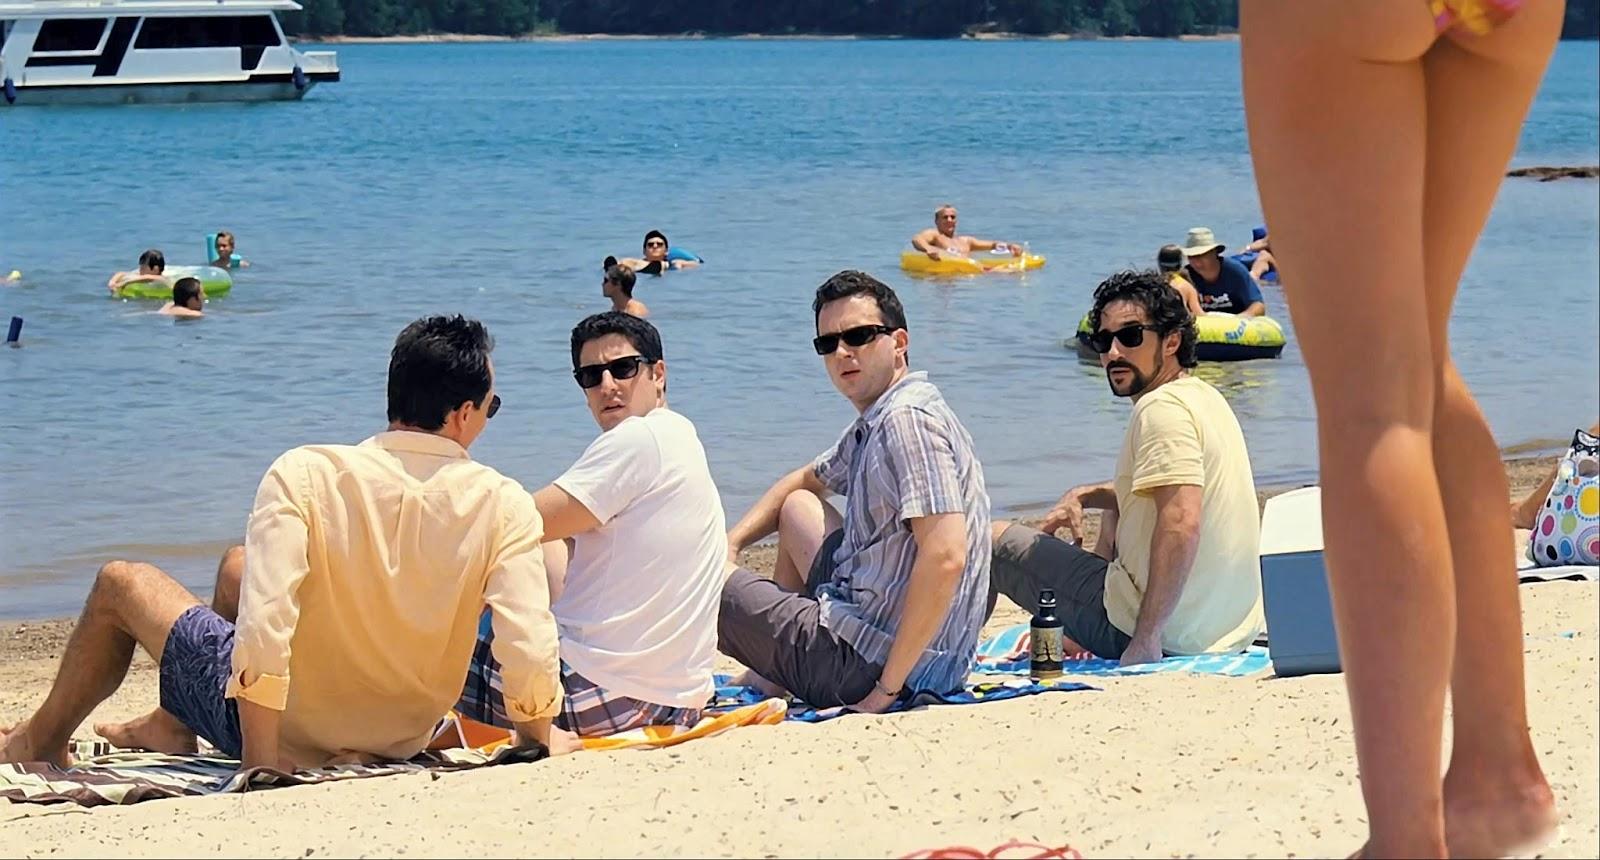 http://1.bp.blogspot.com/-c2g7CJ4DD9o/T6Dt5Ptu3ZI/AAAAAAAAO6Y/DqJe_1fjZtk/s1600/american_reunion_5.jpg